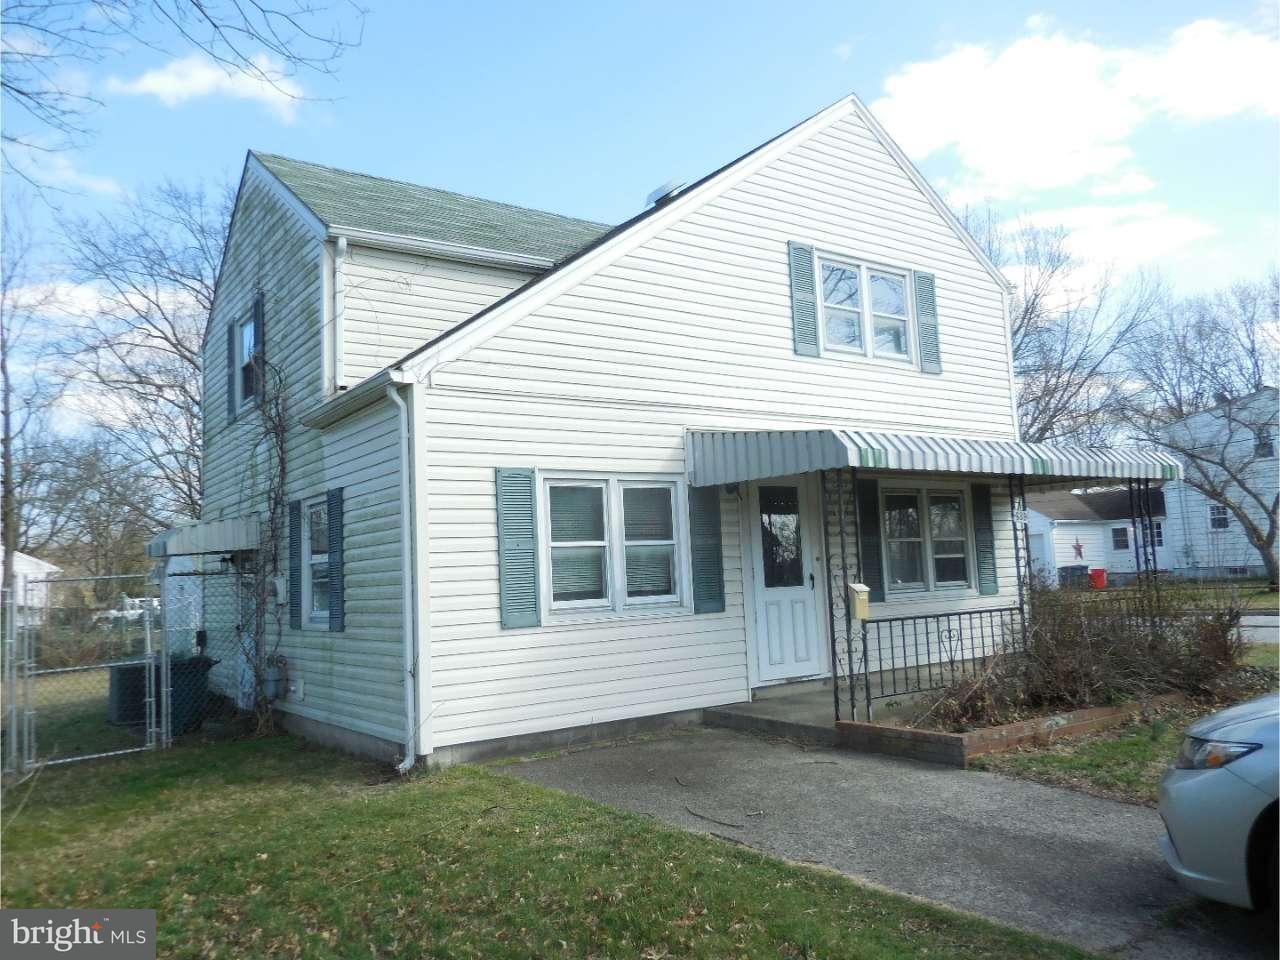 Частный односемейный дом для того Продажа на 439 HOLLYWOOD Avenue Carneys Point, Нью-Джерси 08069 Соединенные Штаты